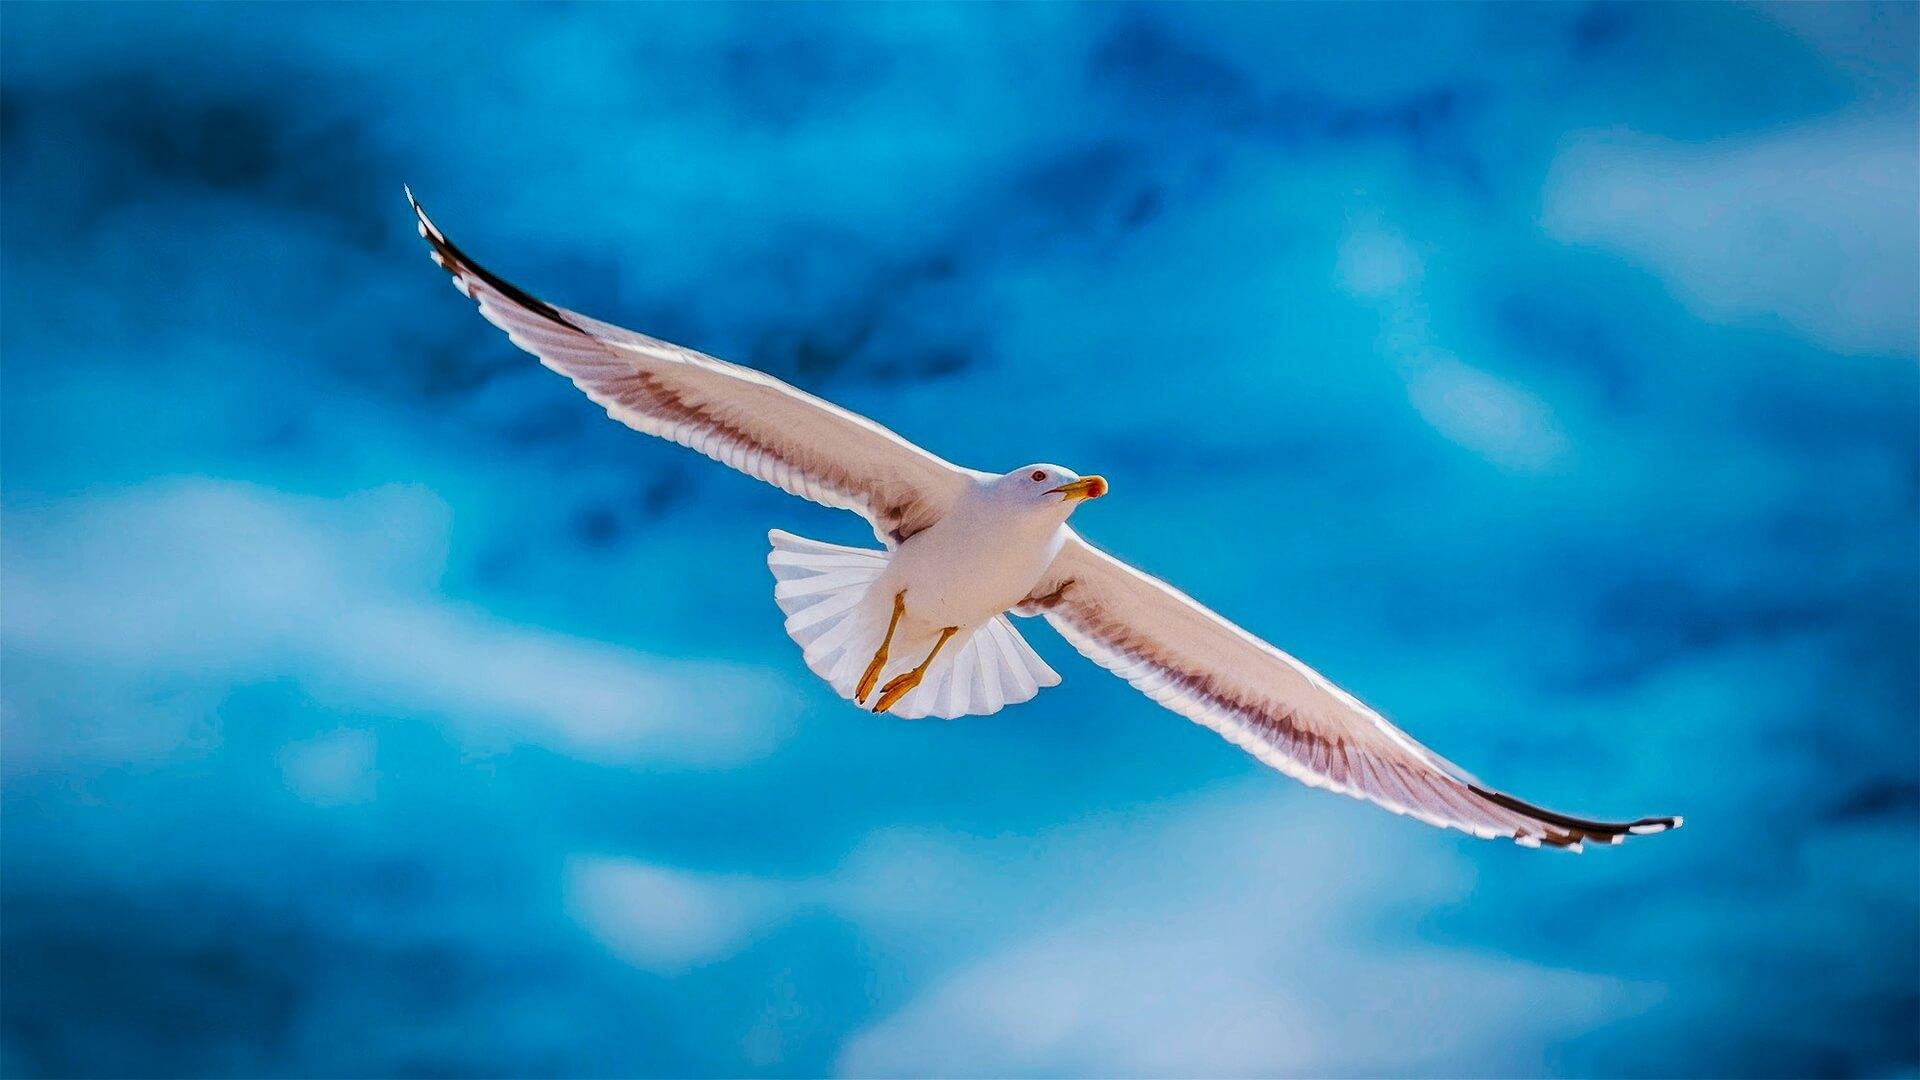 Siamo nati per volare